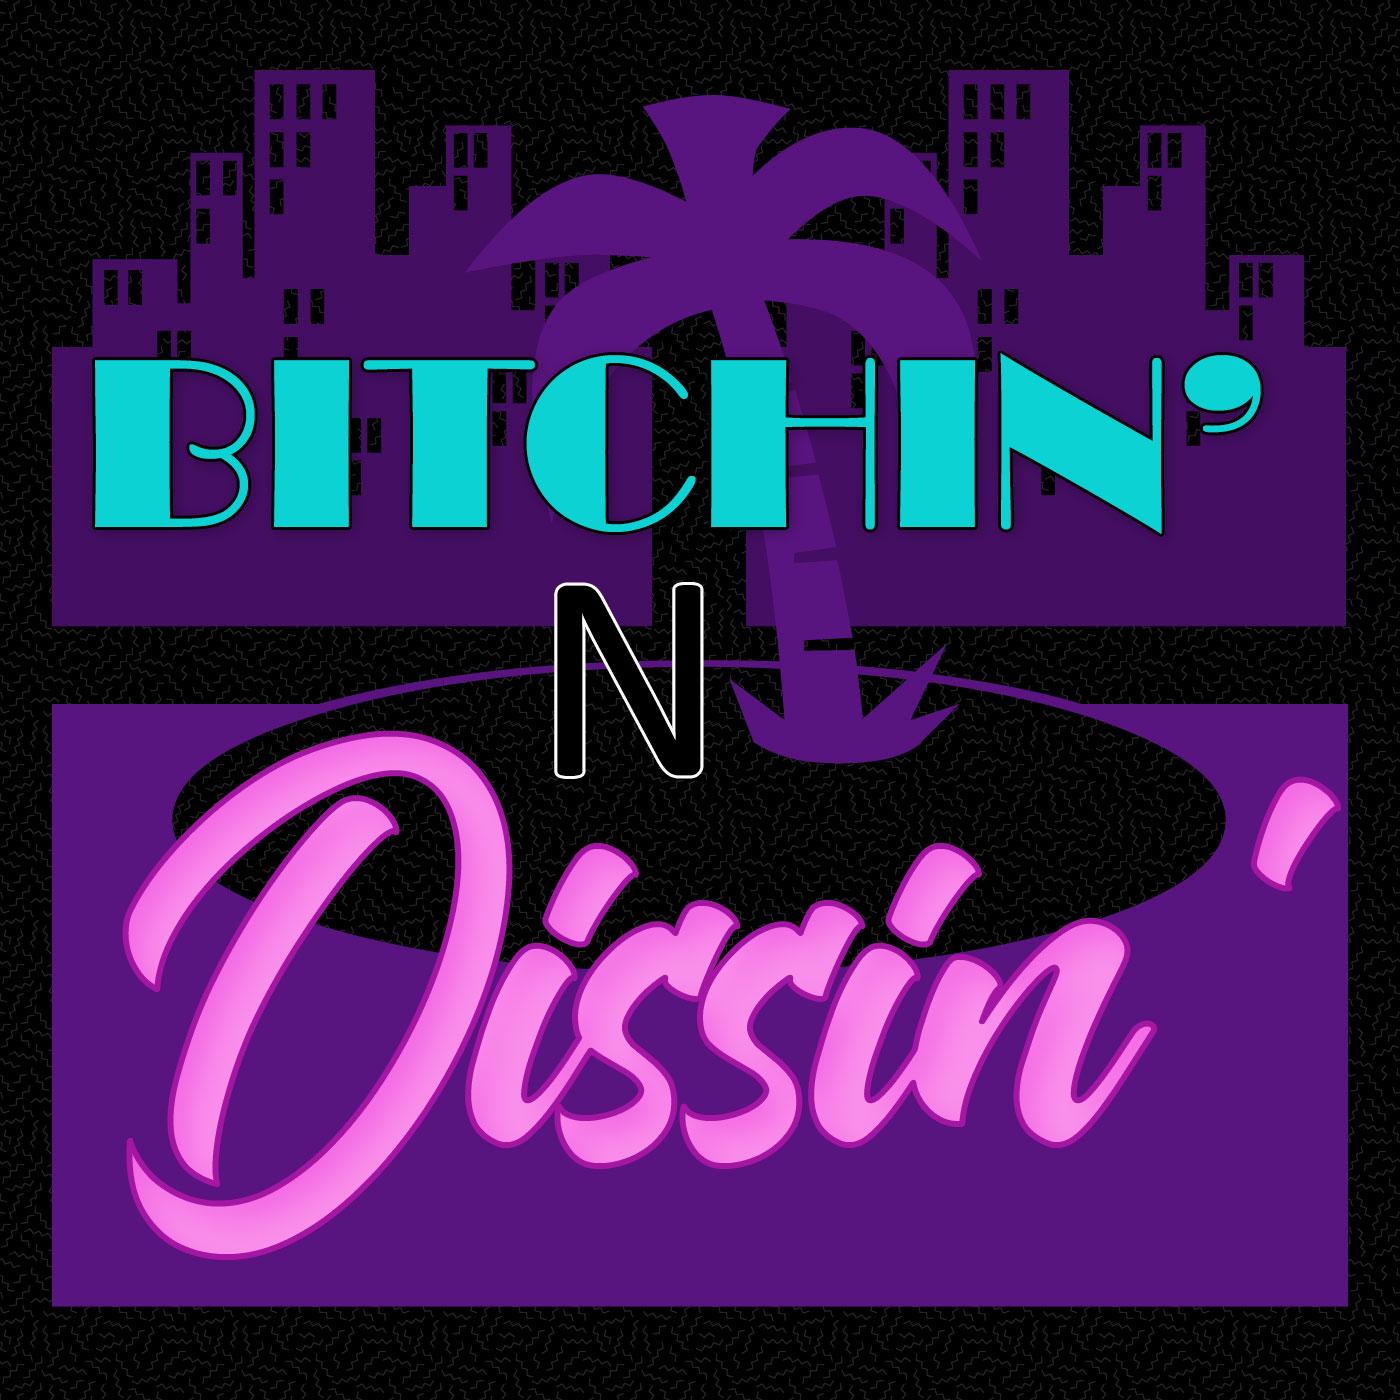 Bitchin' N' Dissin'